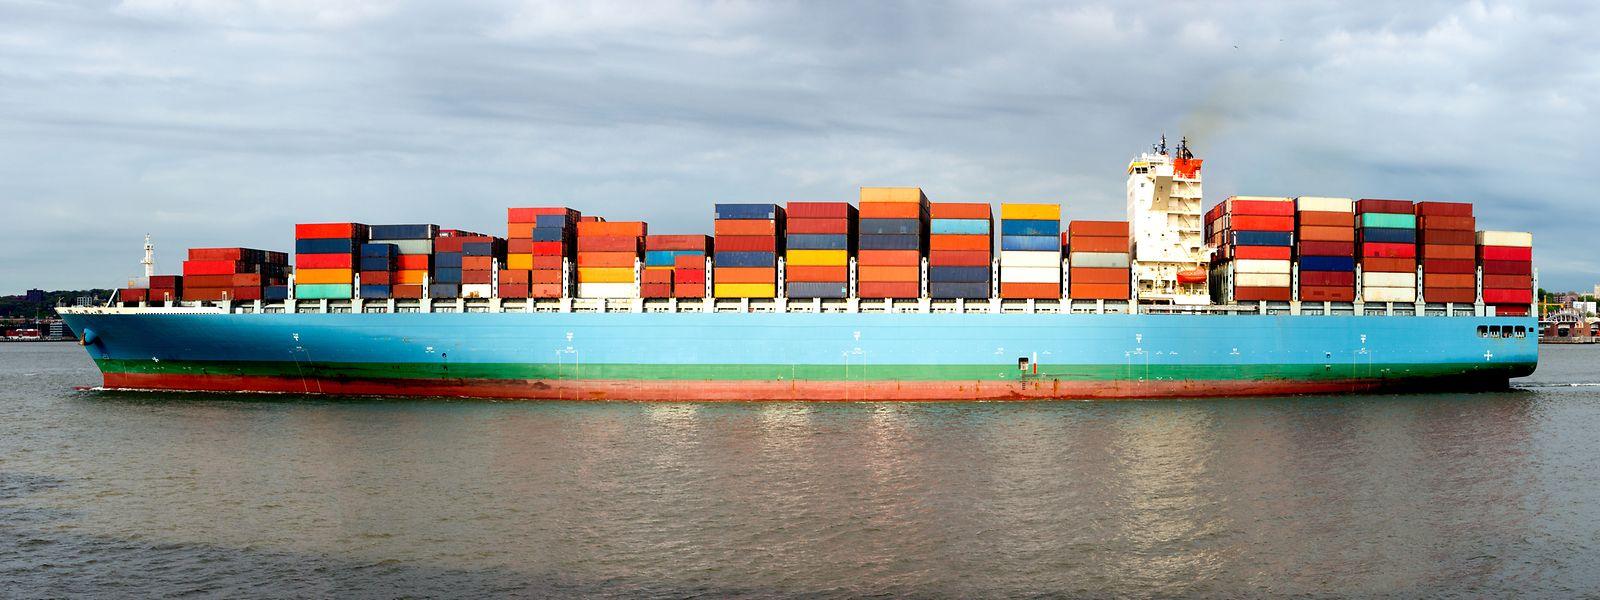 Le marché du carbone européen sera notamment élargi au transport maritime, permettant aux entreprises d'échanger ou acheter les quotas d'émissions de gaz à effet de serre auxquels elles sont soumises.